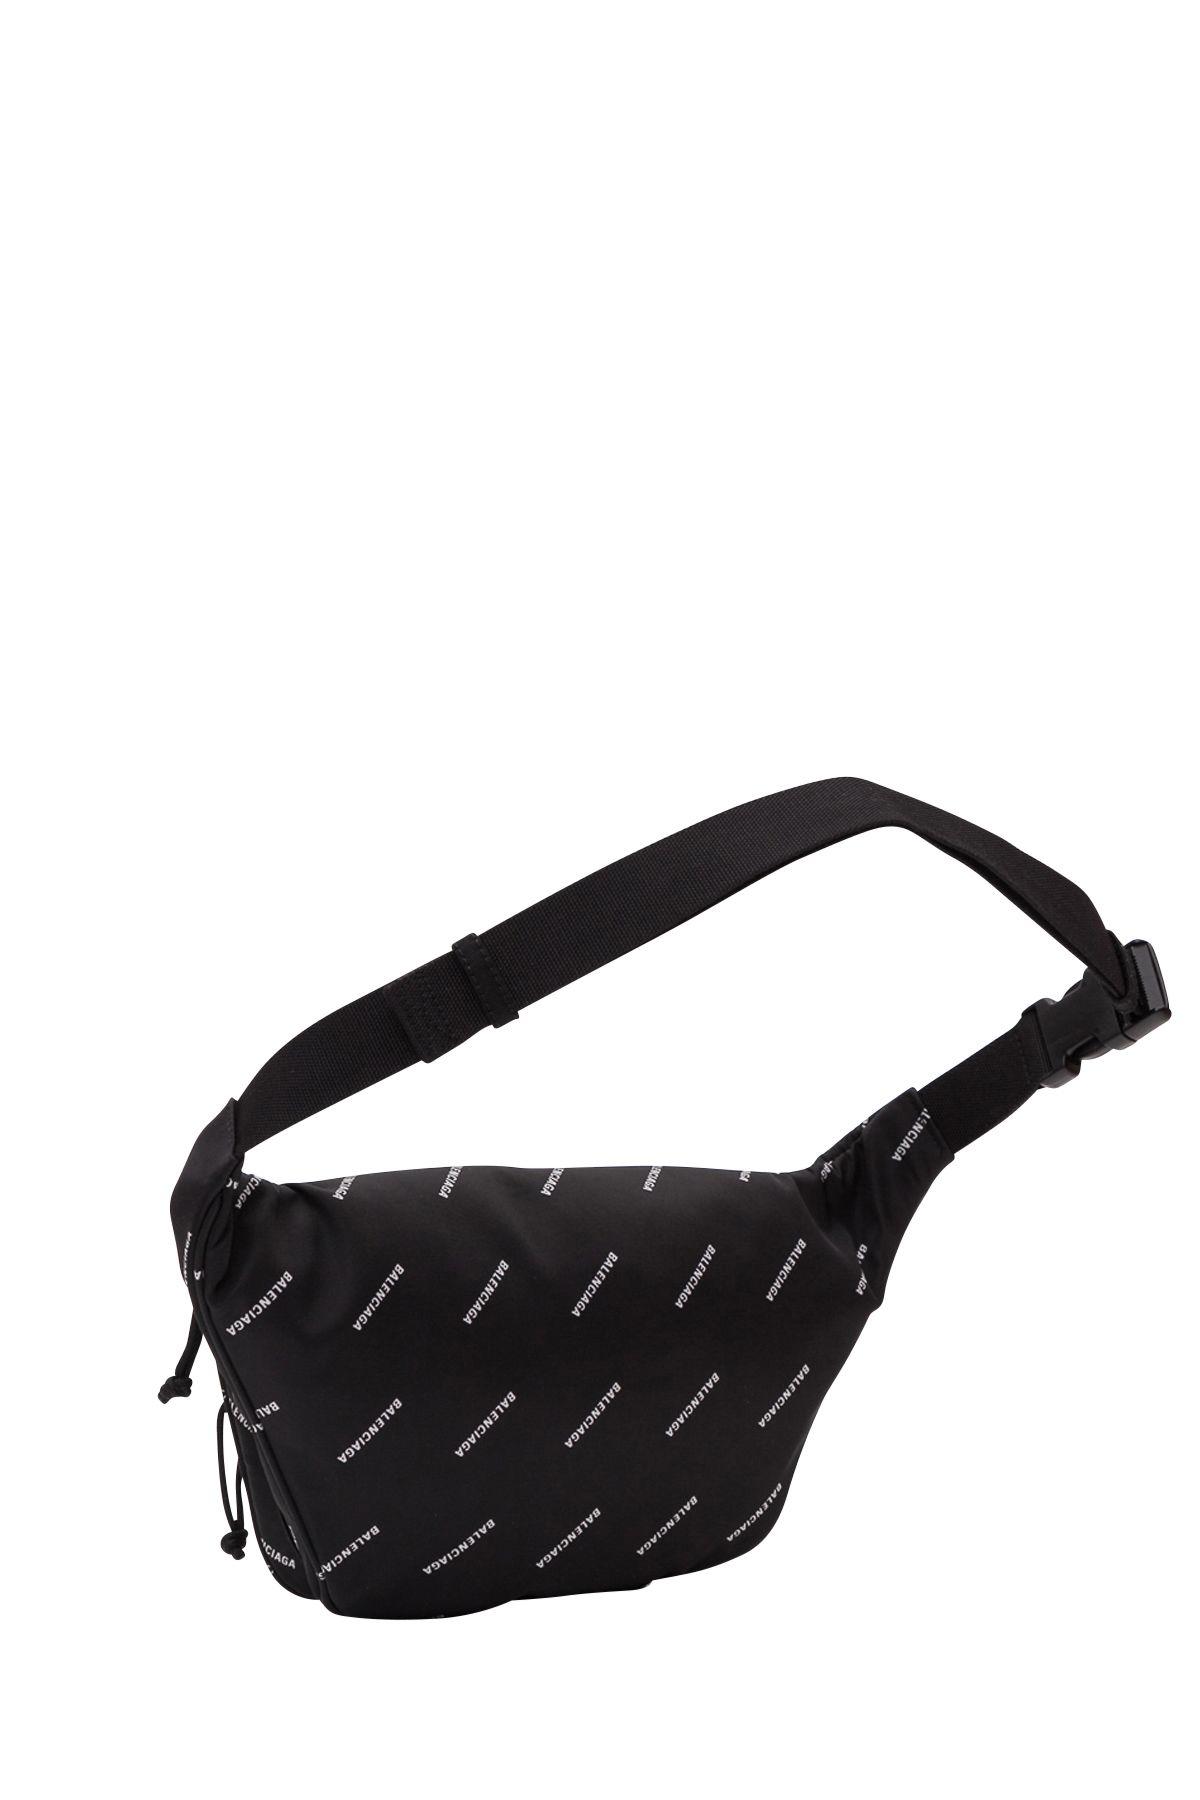 566fdbd0a13 Balenciaga Balenciaga Explorer Belt Bag Logos - Black - 10903650 ...